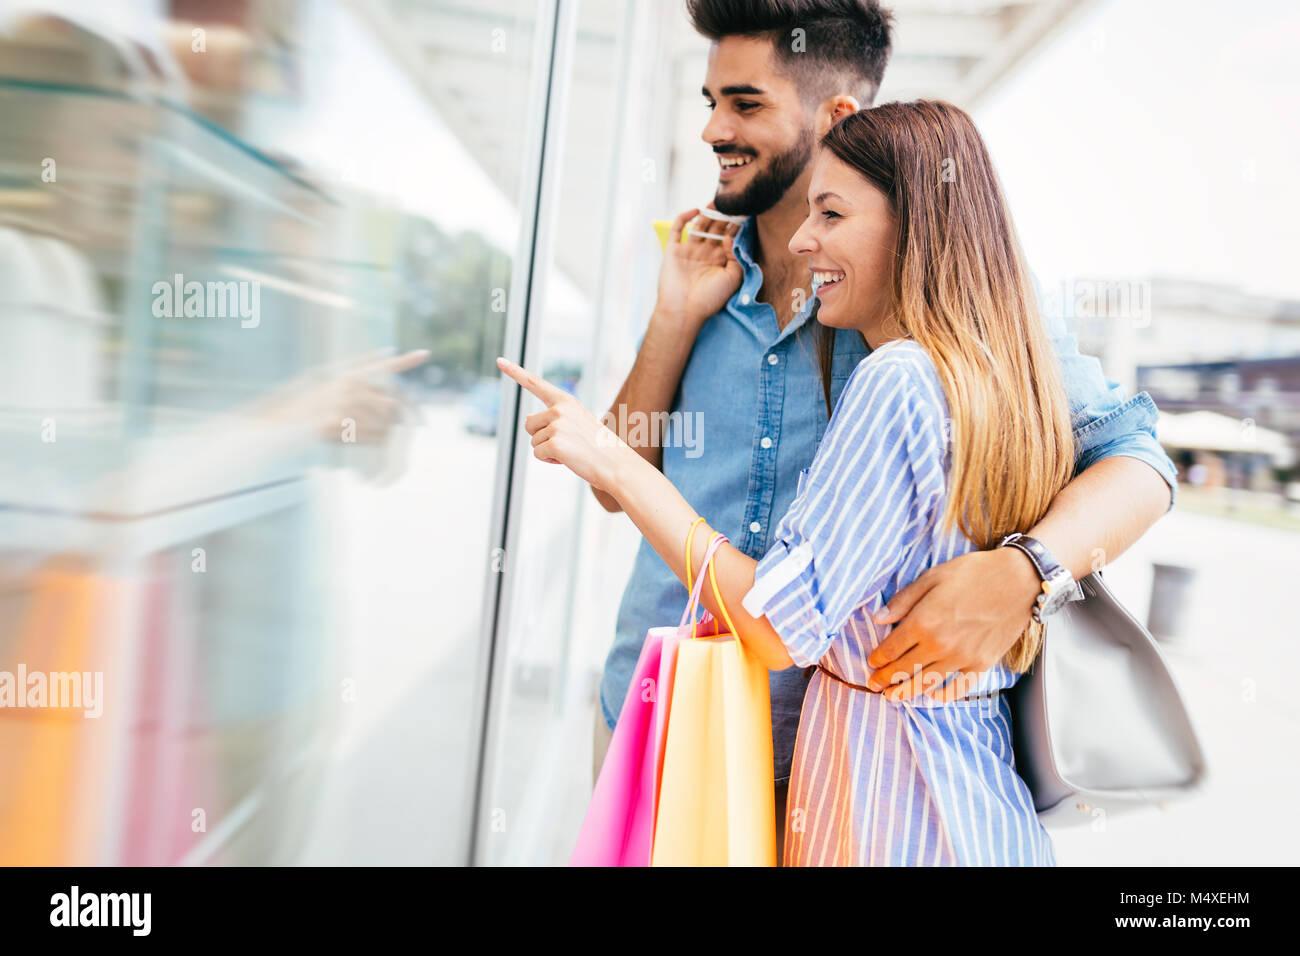 Felice attraente amare giovane Godetevi lo shopping insieme Immagini Stock